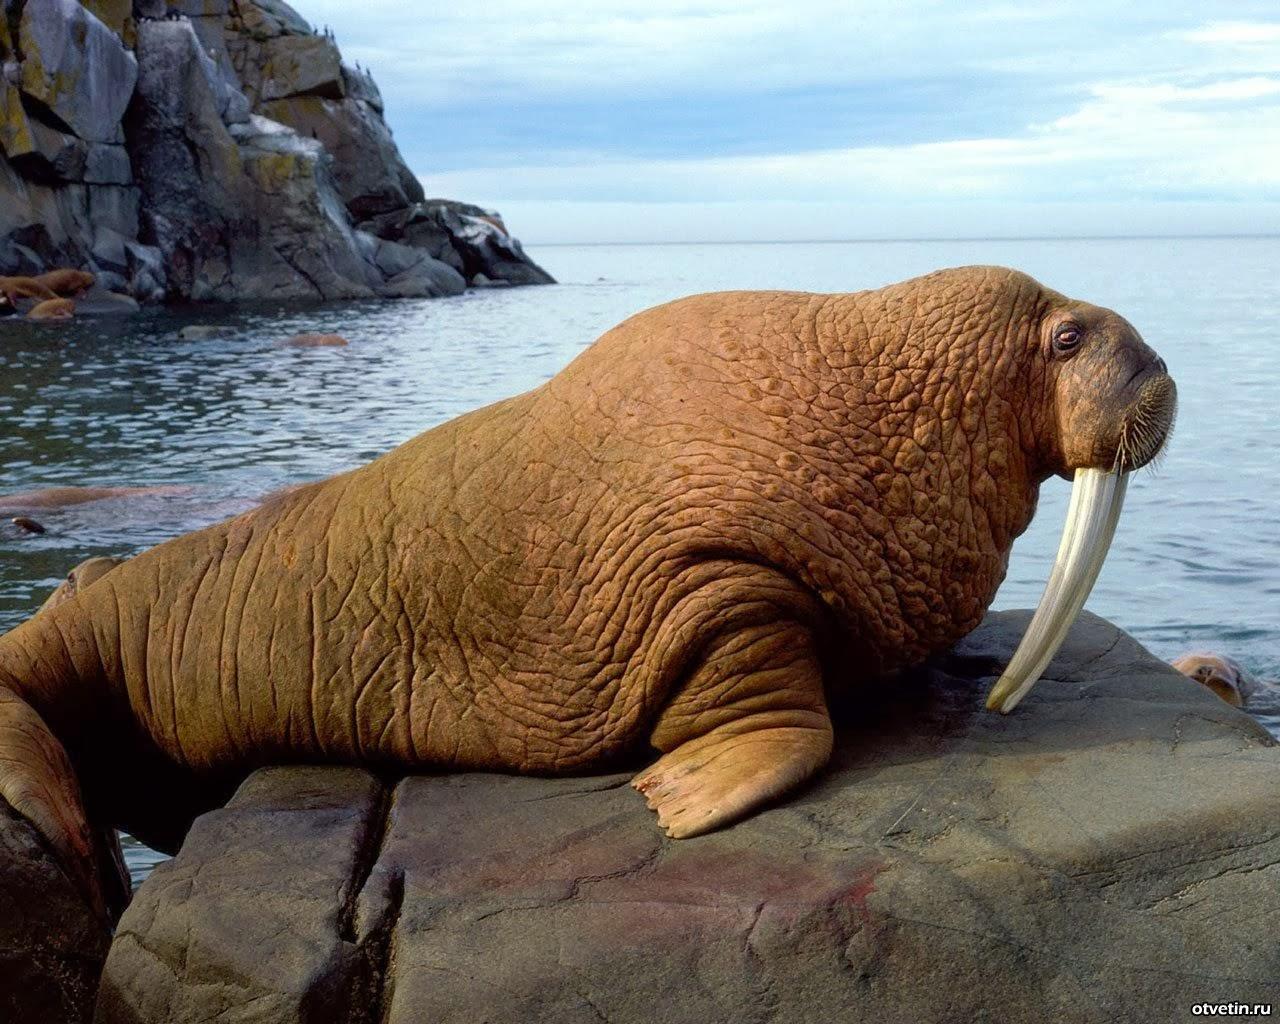 Член моржа фото 15 фотография